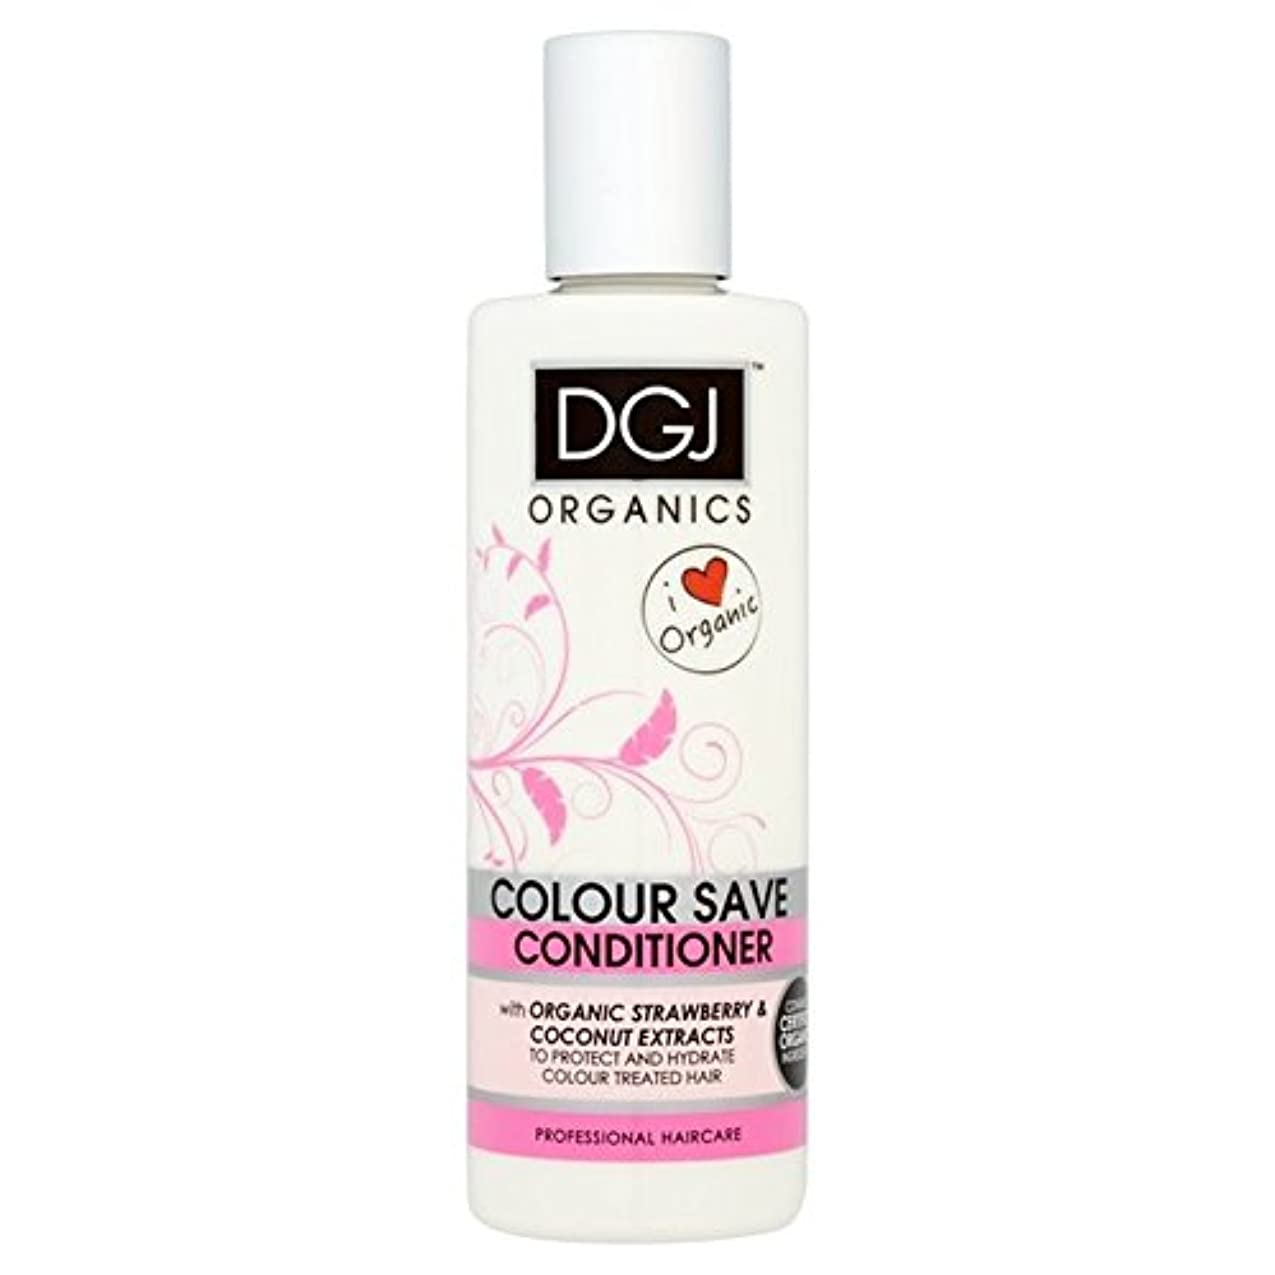 ひどく悪魔懺悔有機物の色コンディショナー250を保存 x4 - DGJ Organics Colour Save Conditioner 250ml (Pack of 4) [並行輸入品]